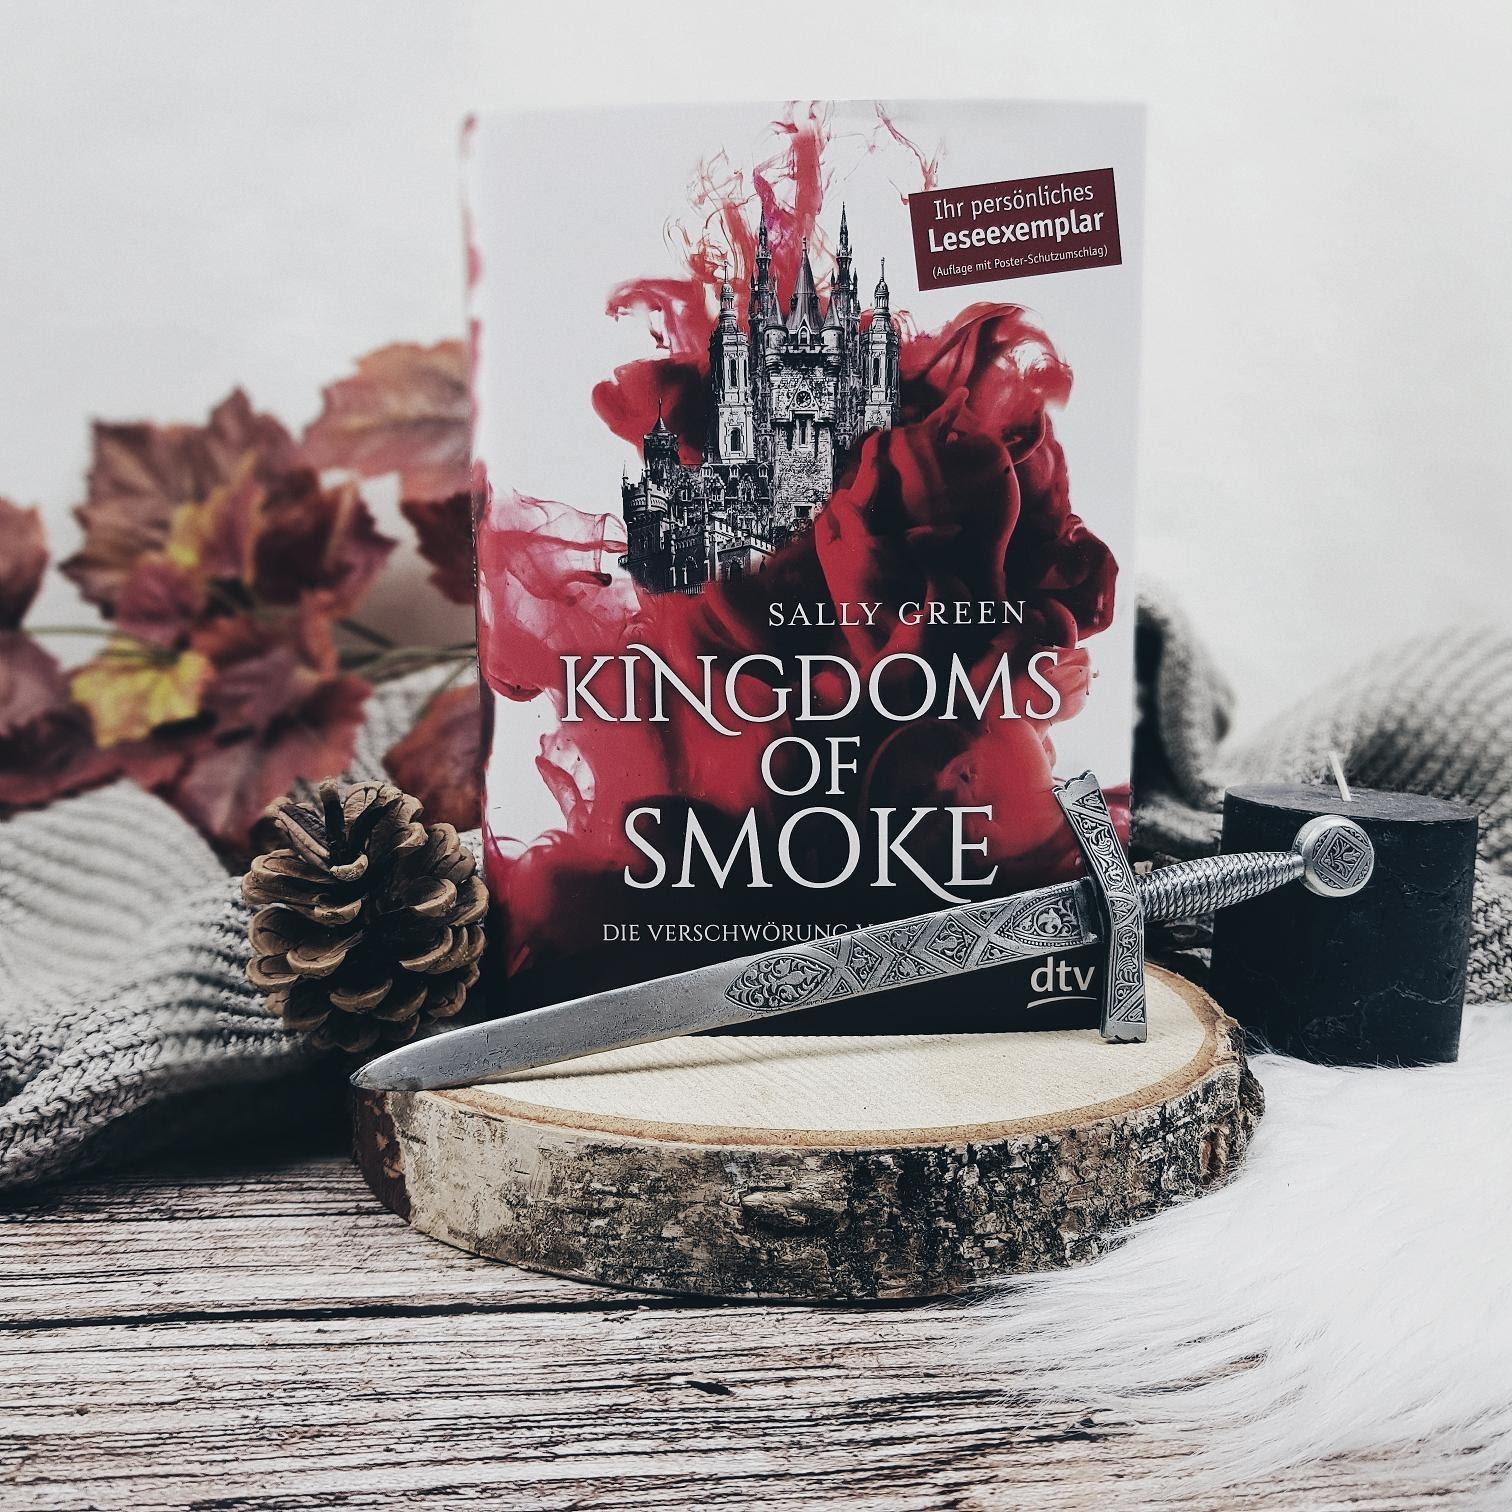 Bücherblog. Rezension. Buchcover. Kingdoms of Smoke - Die Verschwörung von Brigant von Sally Green. Fantasy, Jugendbuch. dtv Verlag. ©Lisa B. | Prettytigers Bücherregal | prettytigerbuch